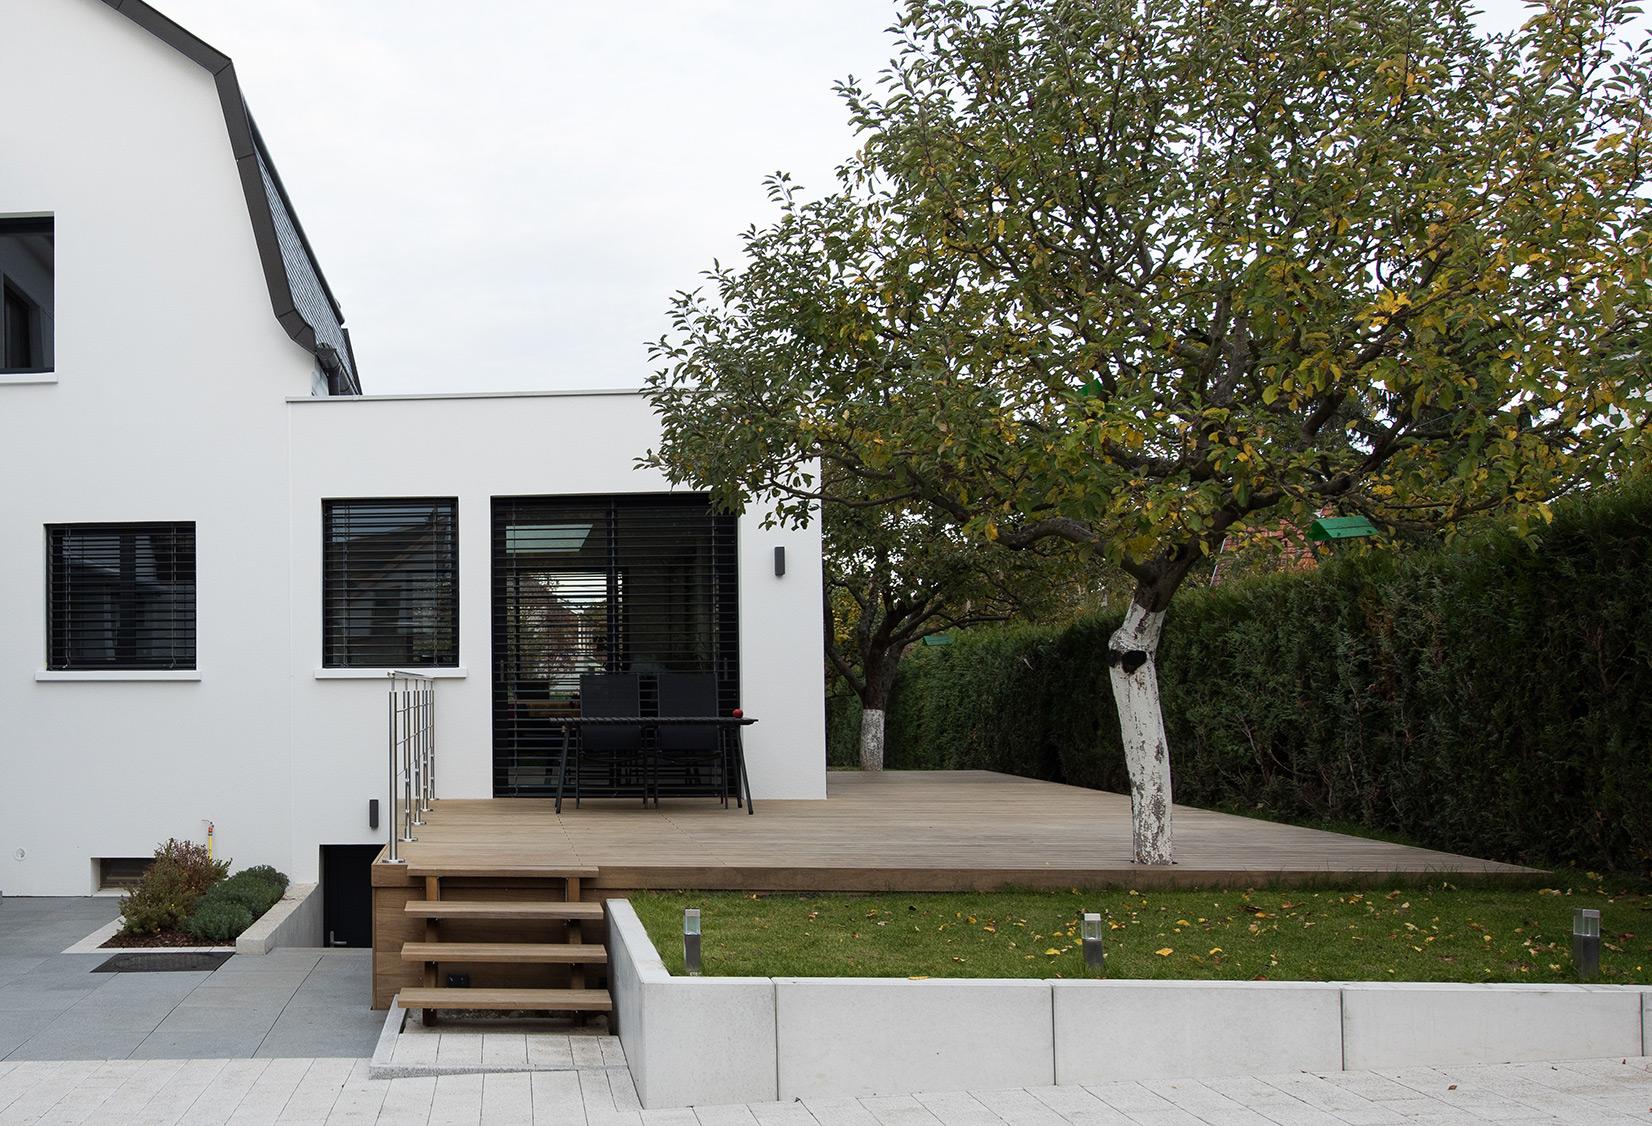 Grâce à des travaux de rénovations, améliorez les performances énergétiques de votre maison ou appartement.